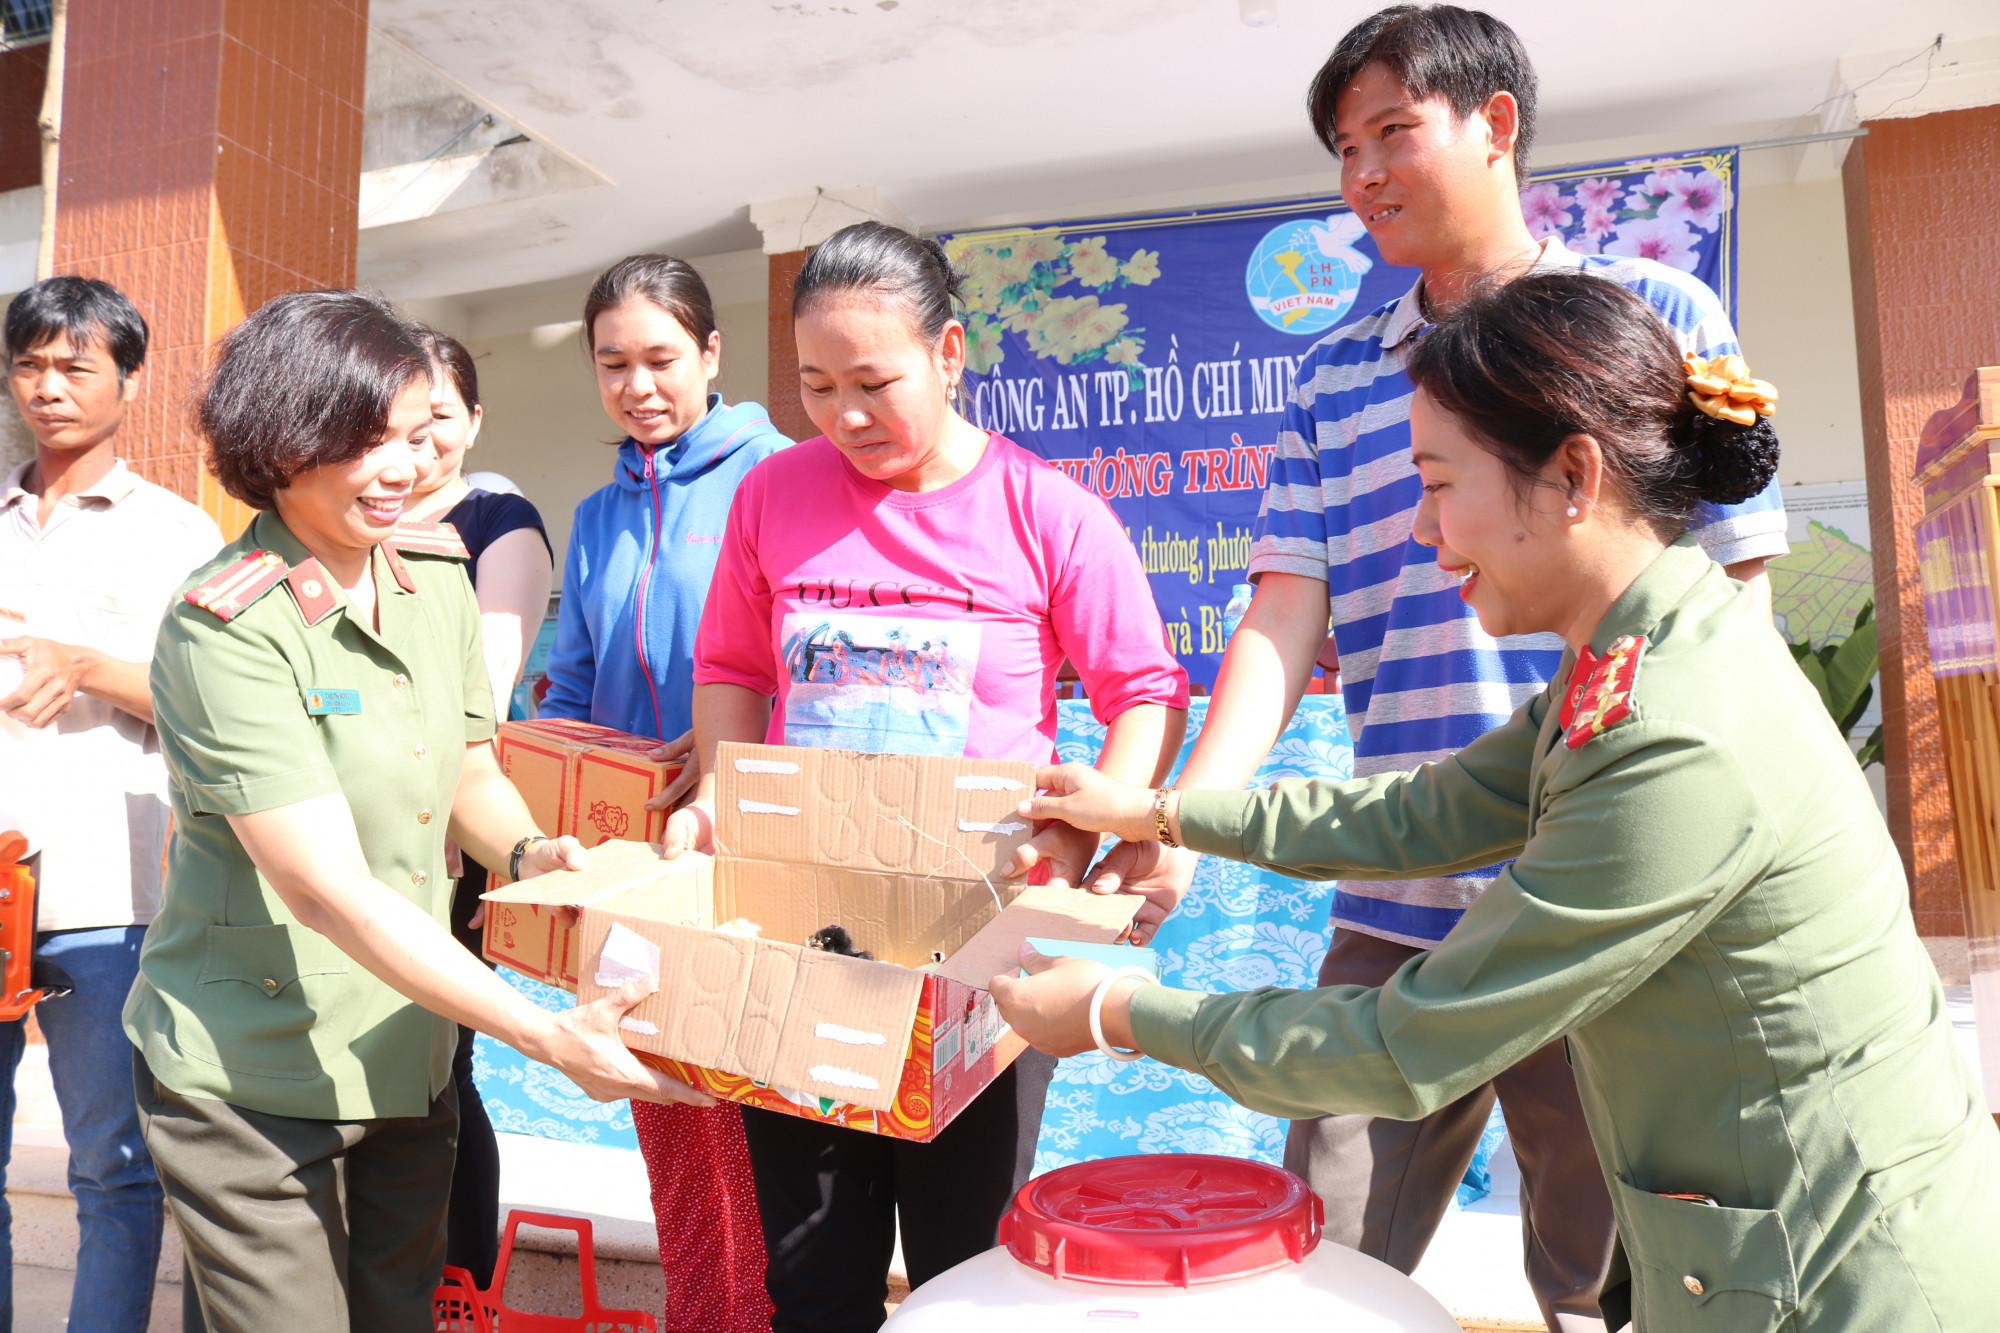 Trao các gói hỗ trợ làm ăn cho phụ nữ, dân phòng xung kích ở Mộc Hóa.